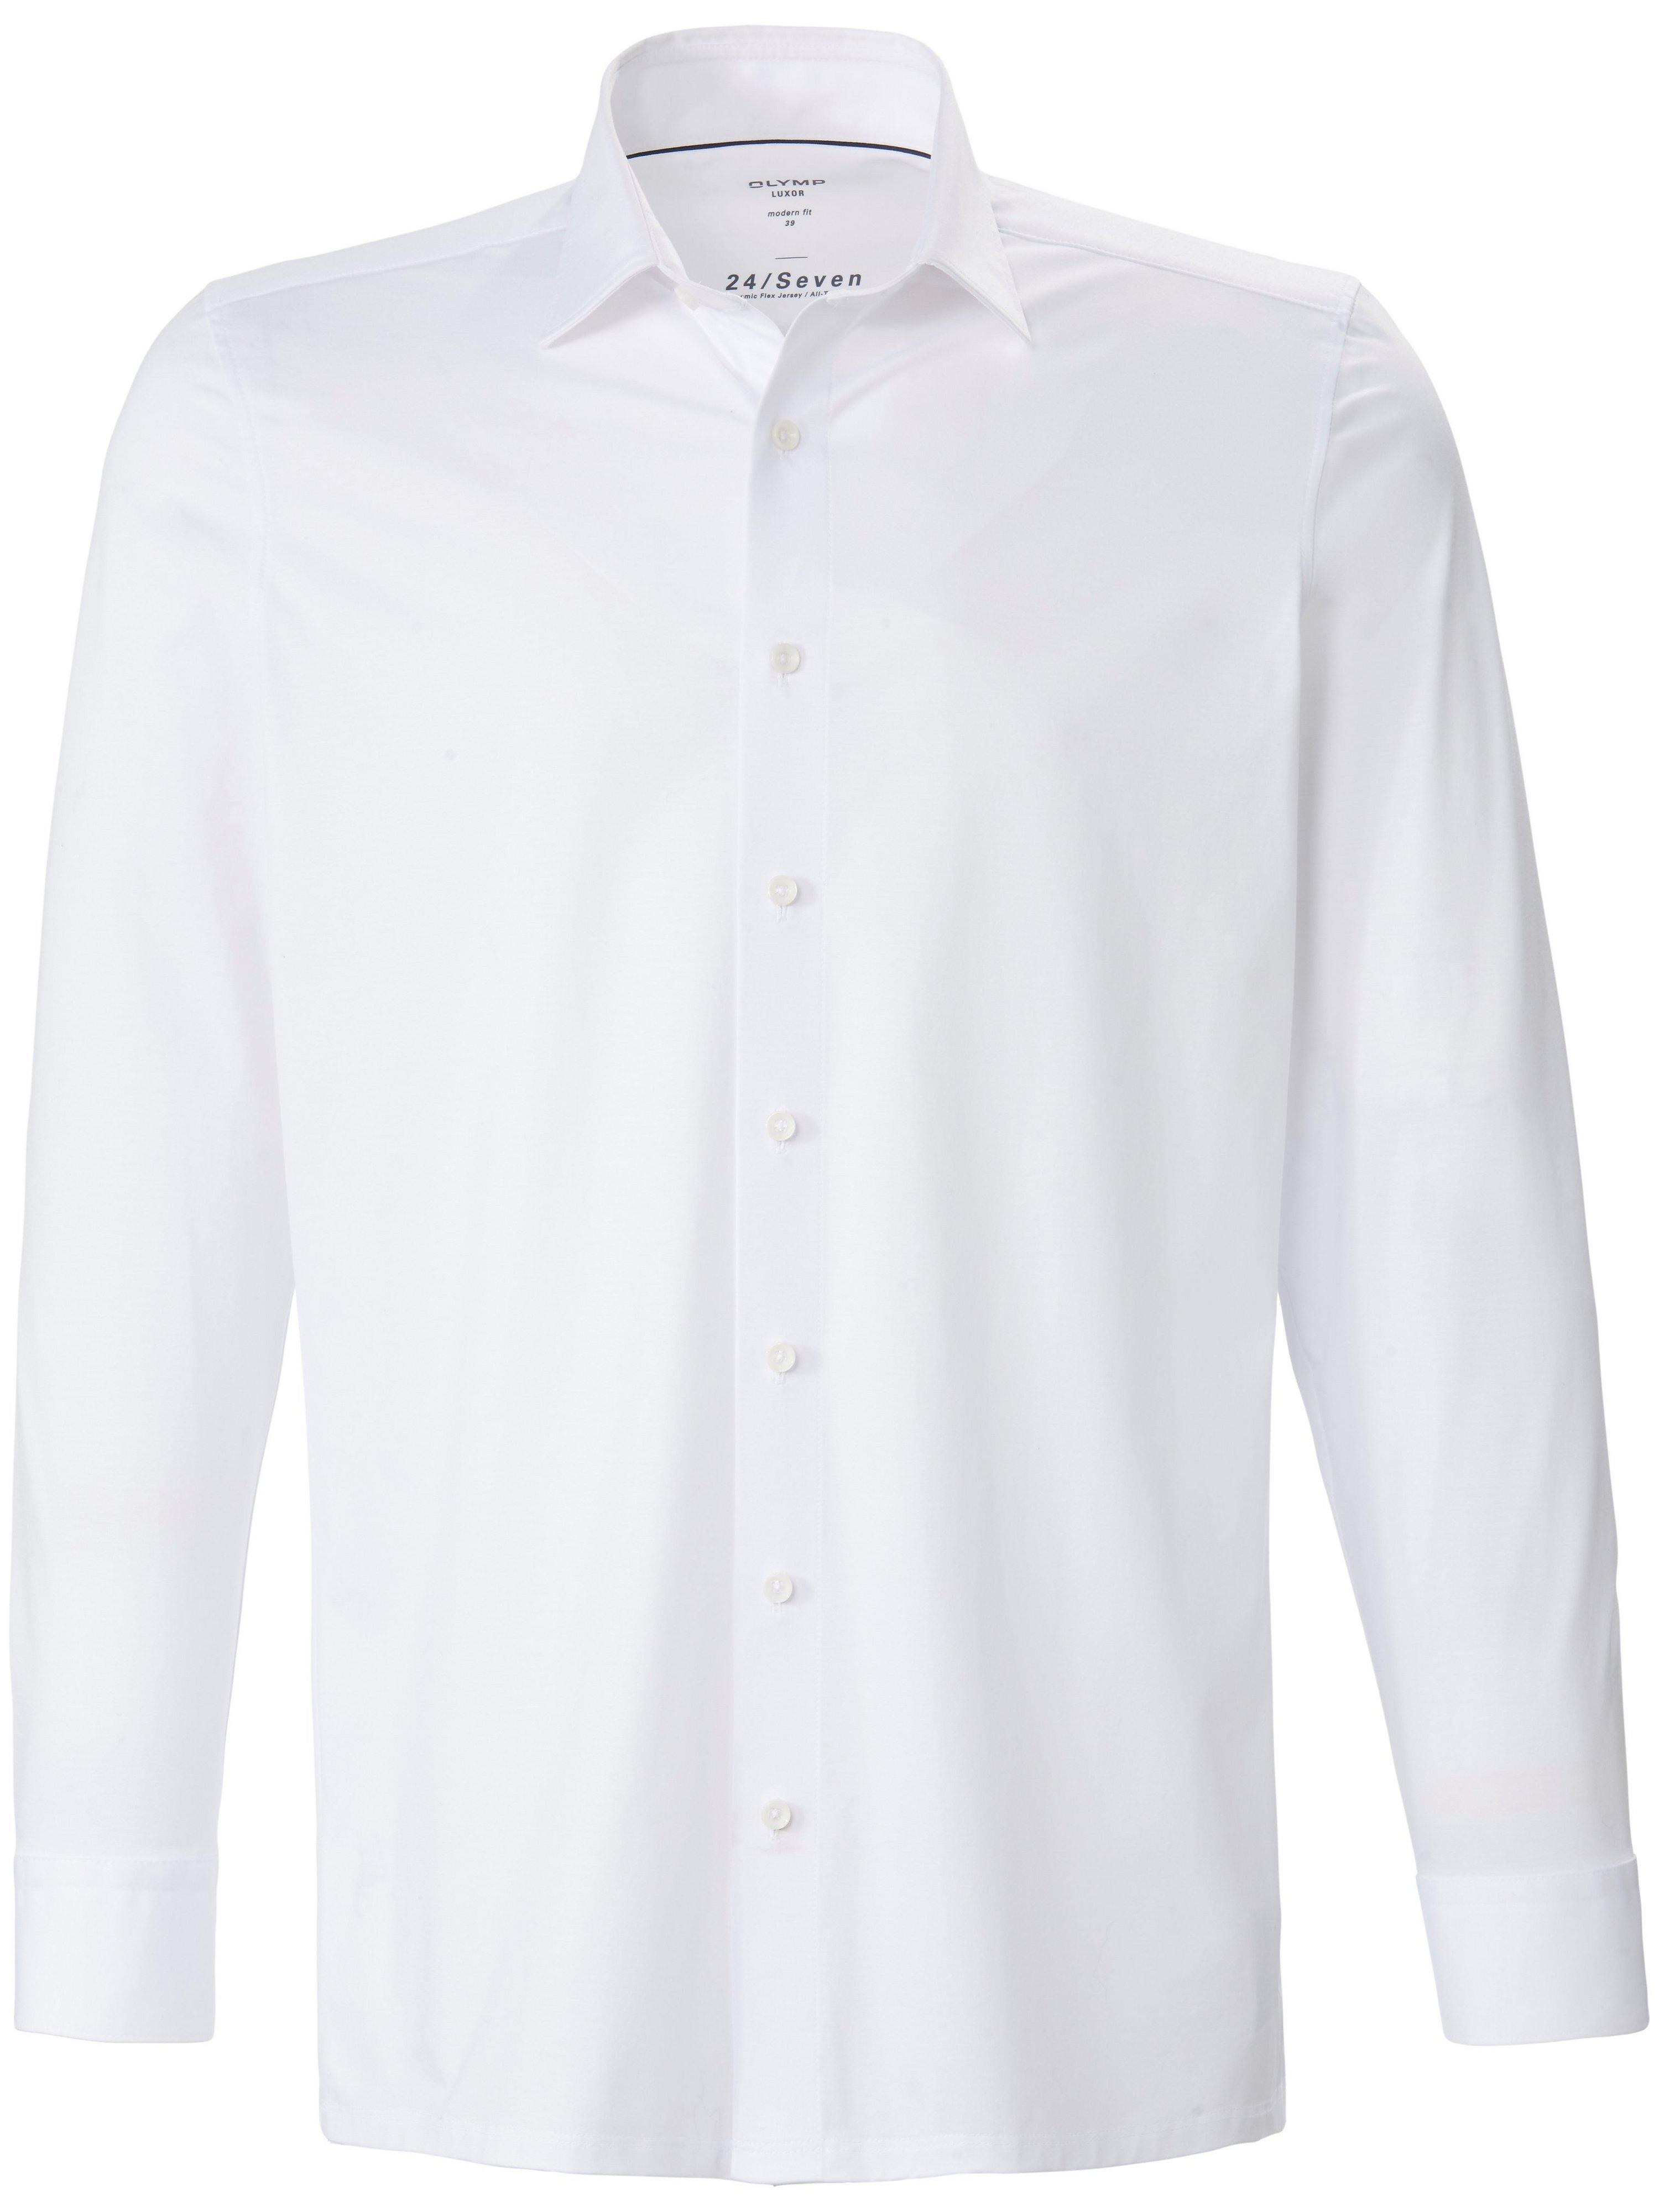 Overhemd jersey kentkraag Van Olymp Luxor wit